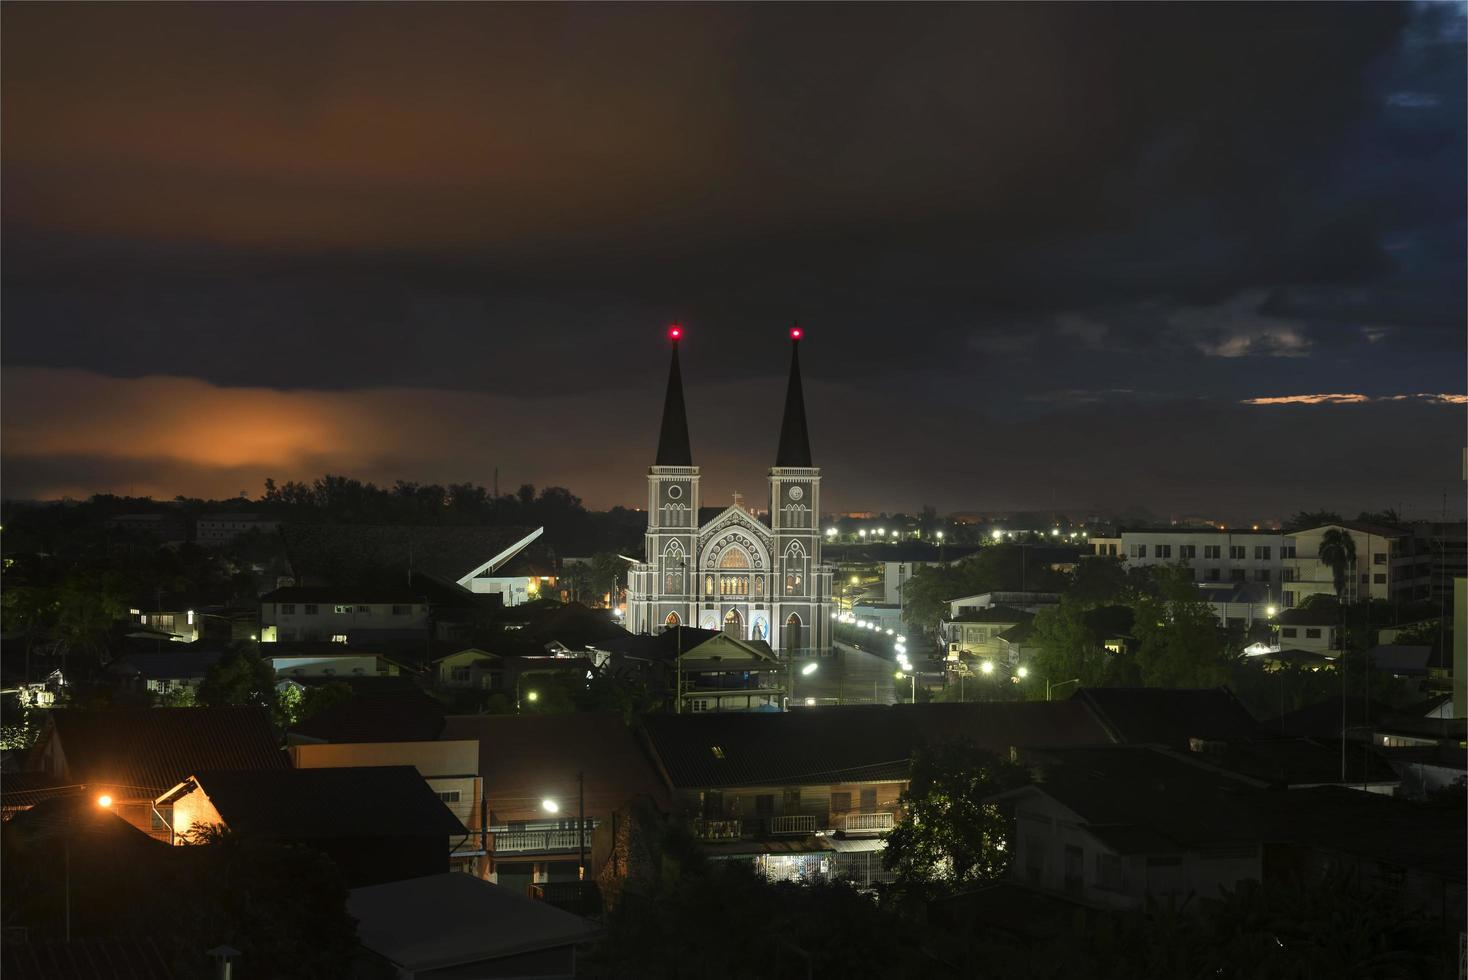 katholische Kirche in der Nacht foto